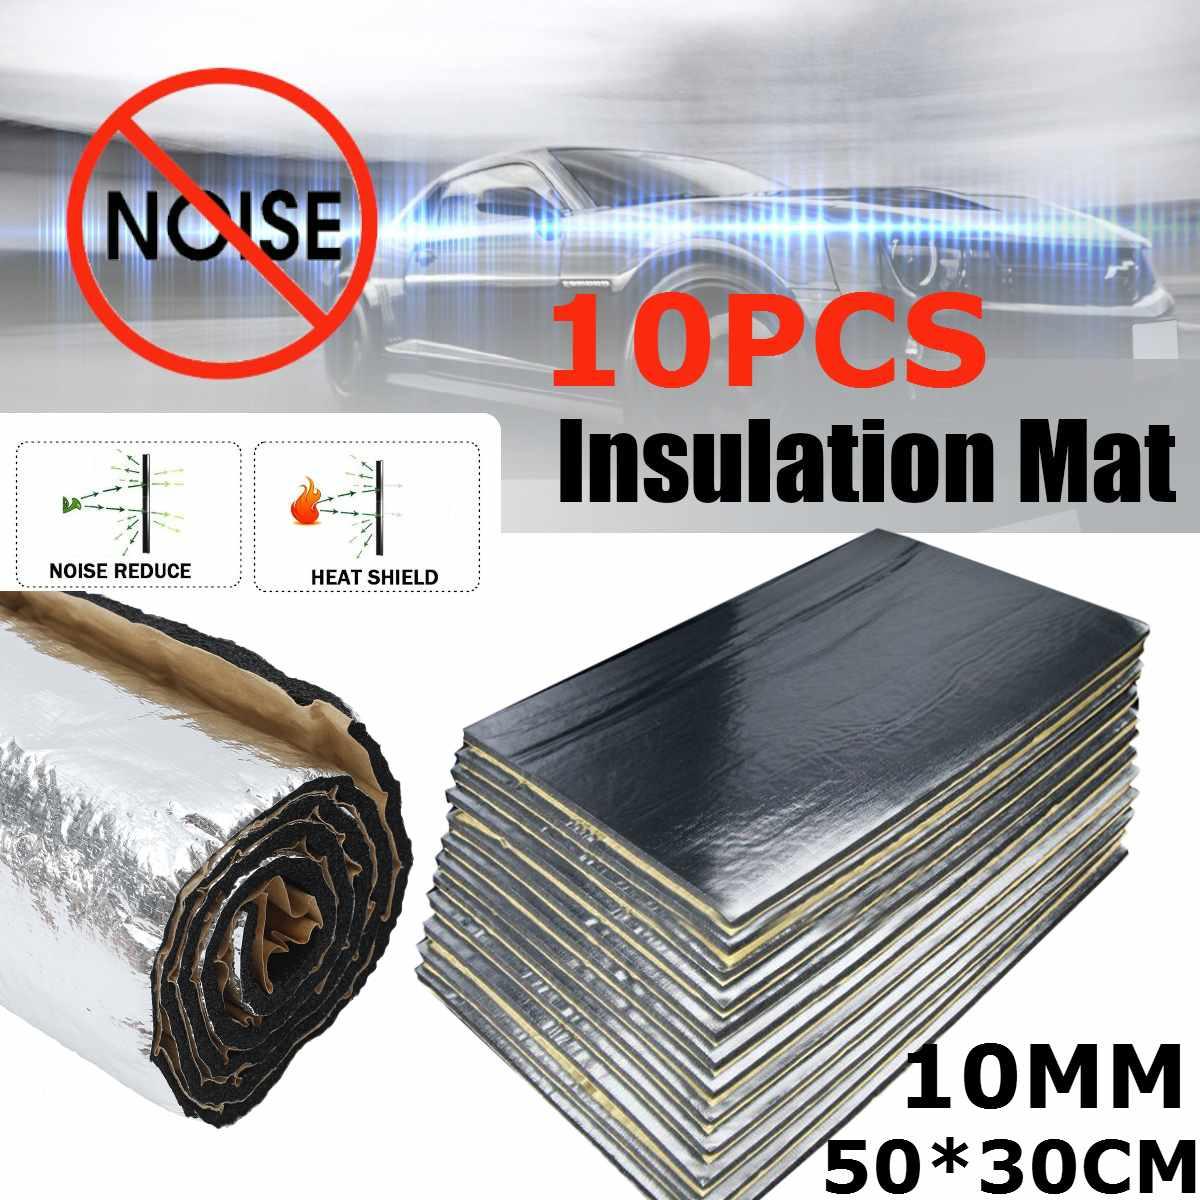 10Pcs 30x50cm 10mm Adhesive Car Soundproof Foam Cotton Home Deadening Insulation Pads Sound Absorbing Cotton Anti Noise Sponge